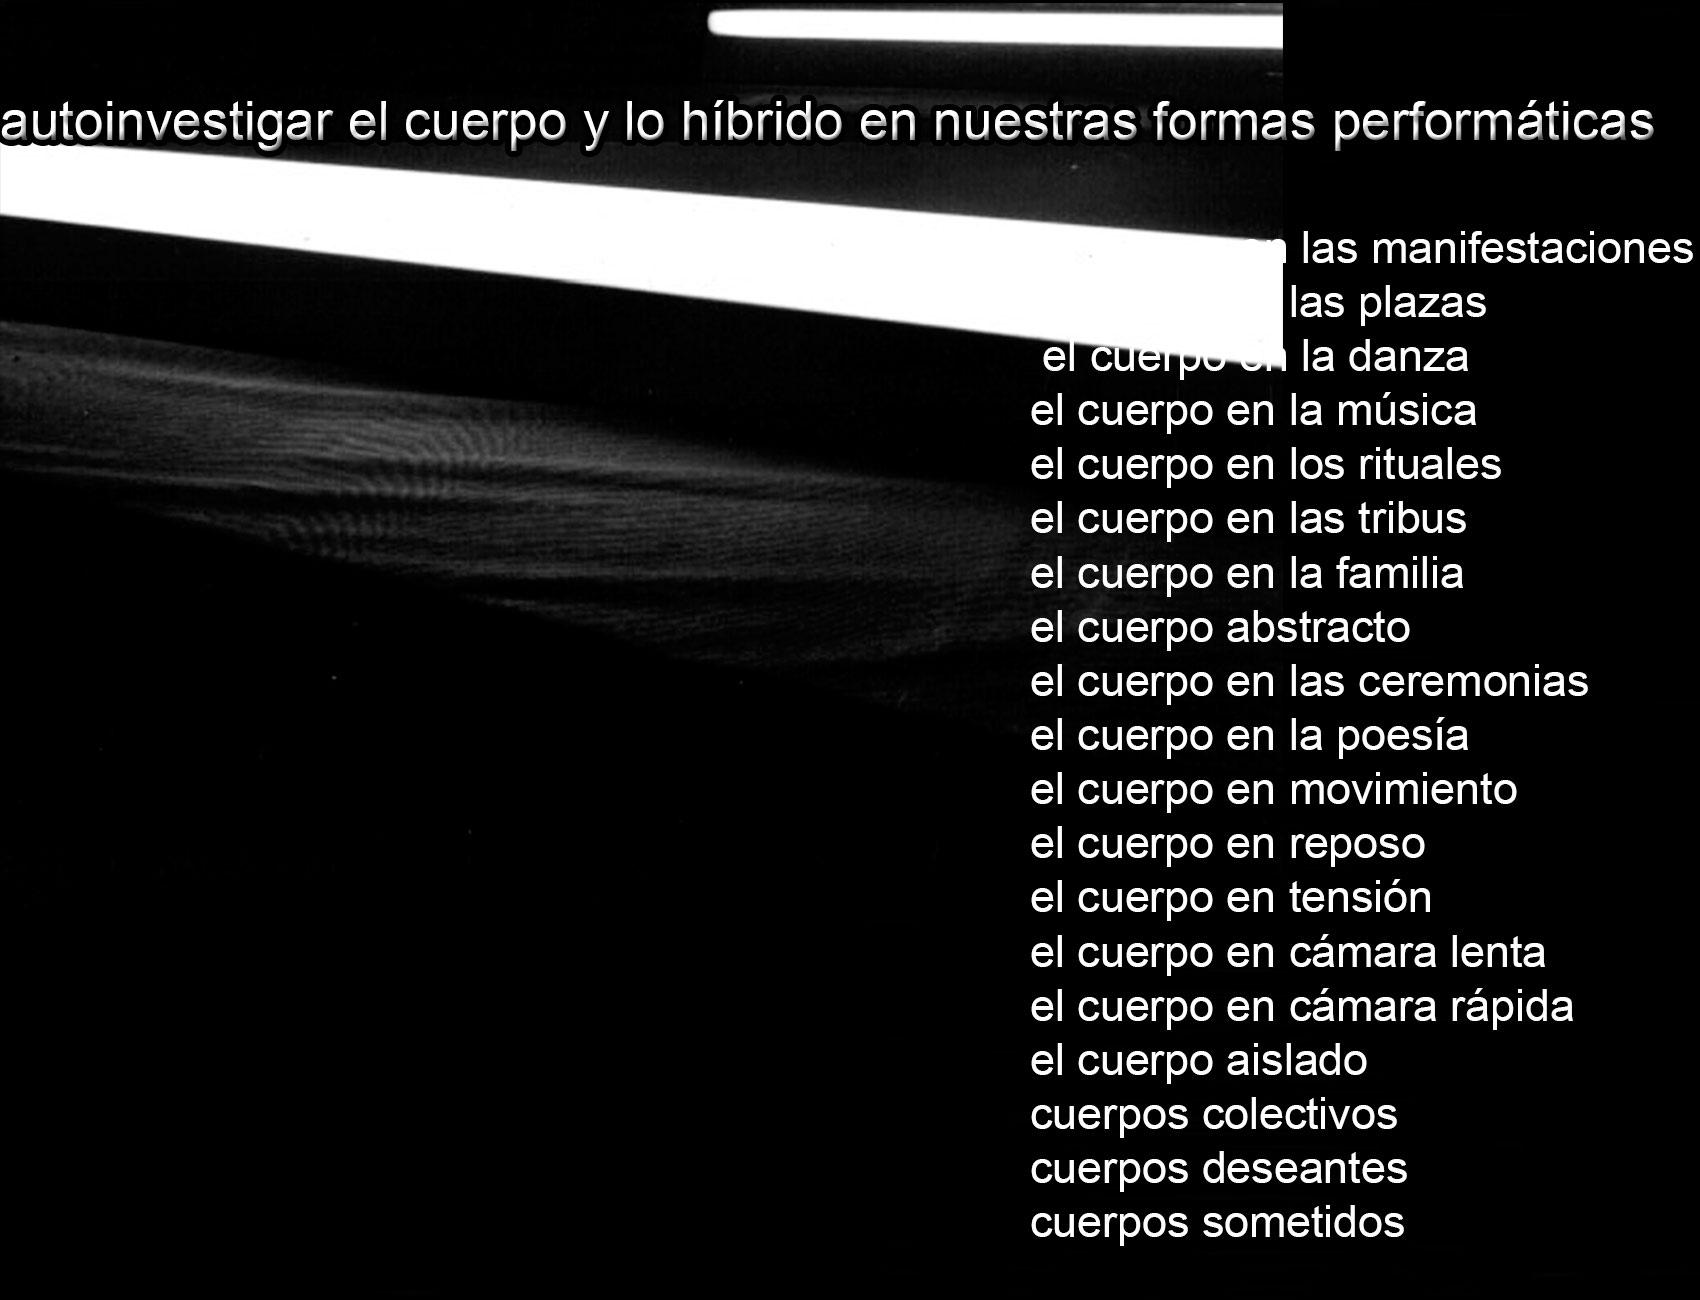 http://medicinayarte.com/img/autoinvestigar.jpg